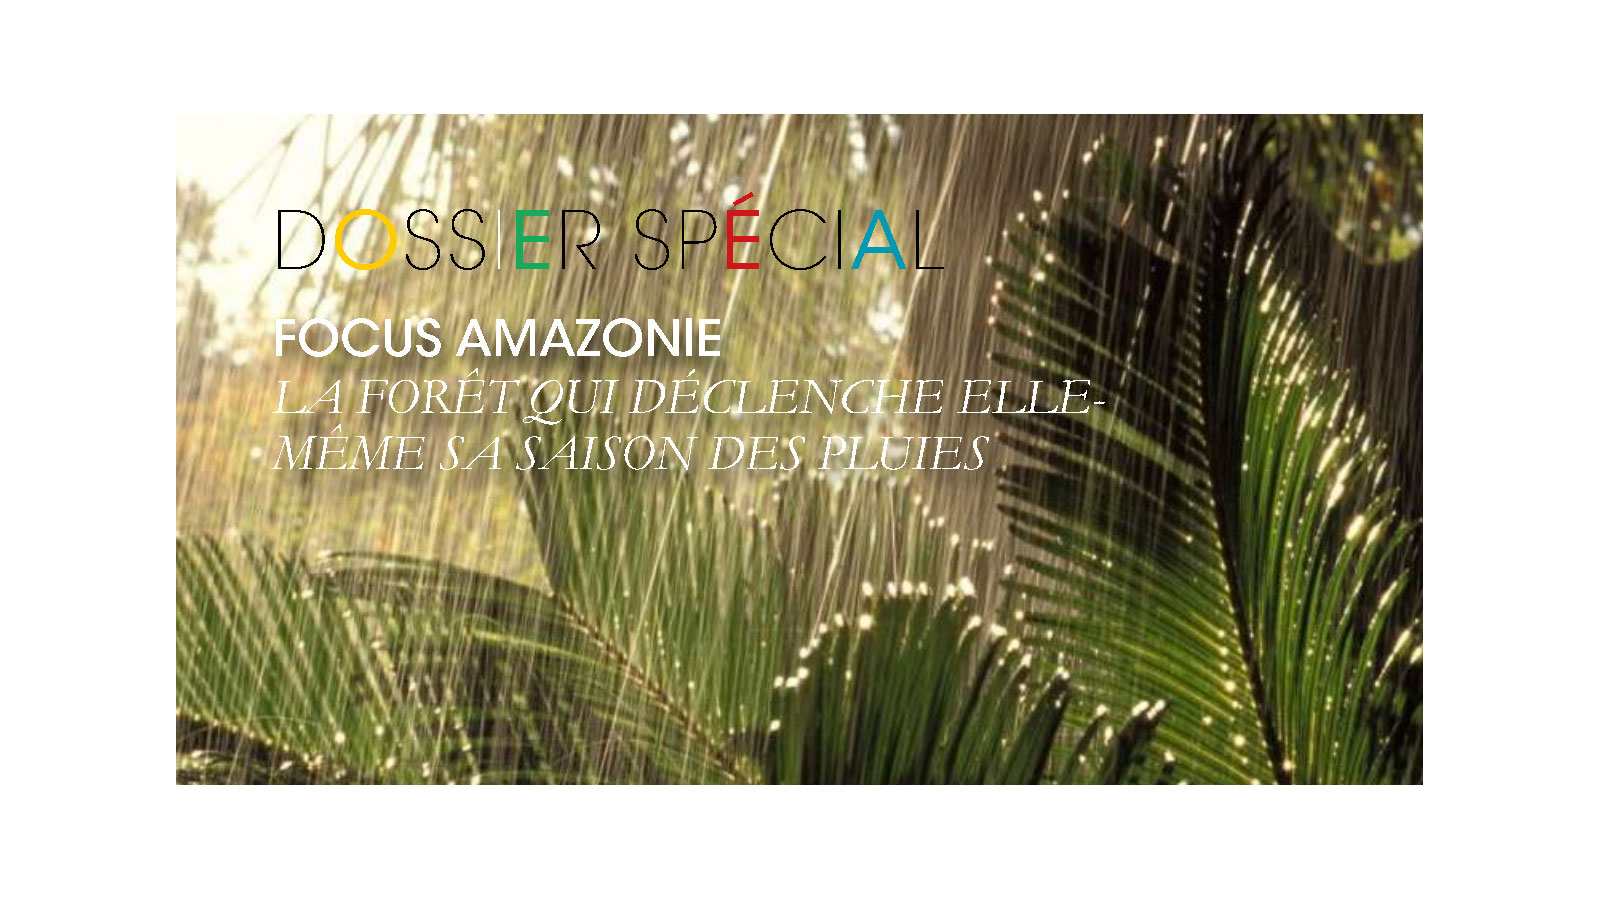 Focus Amazonie. Mousson ou saison des pluies